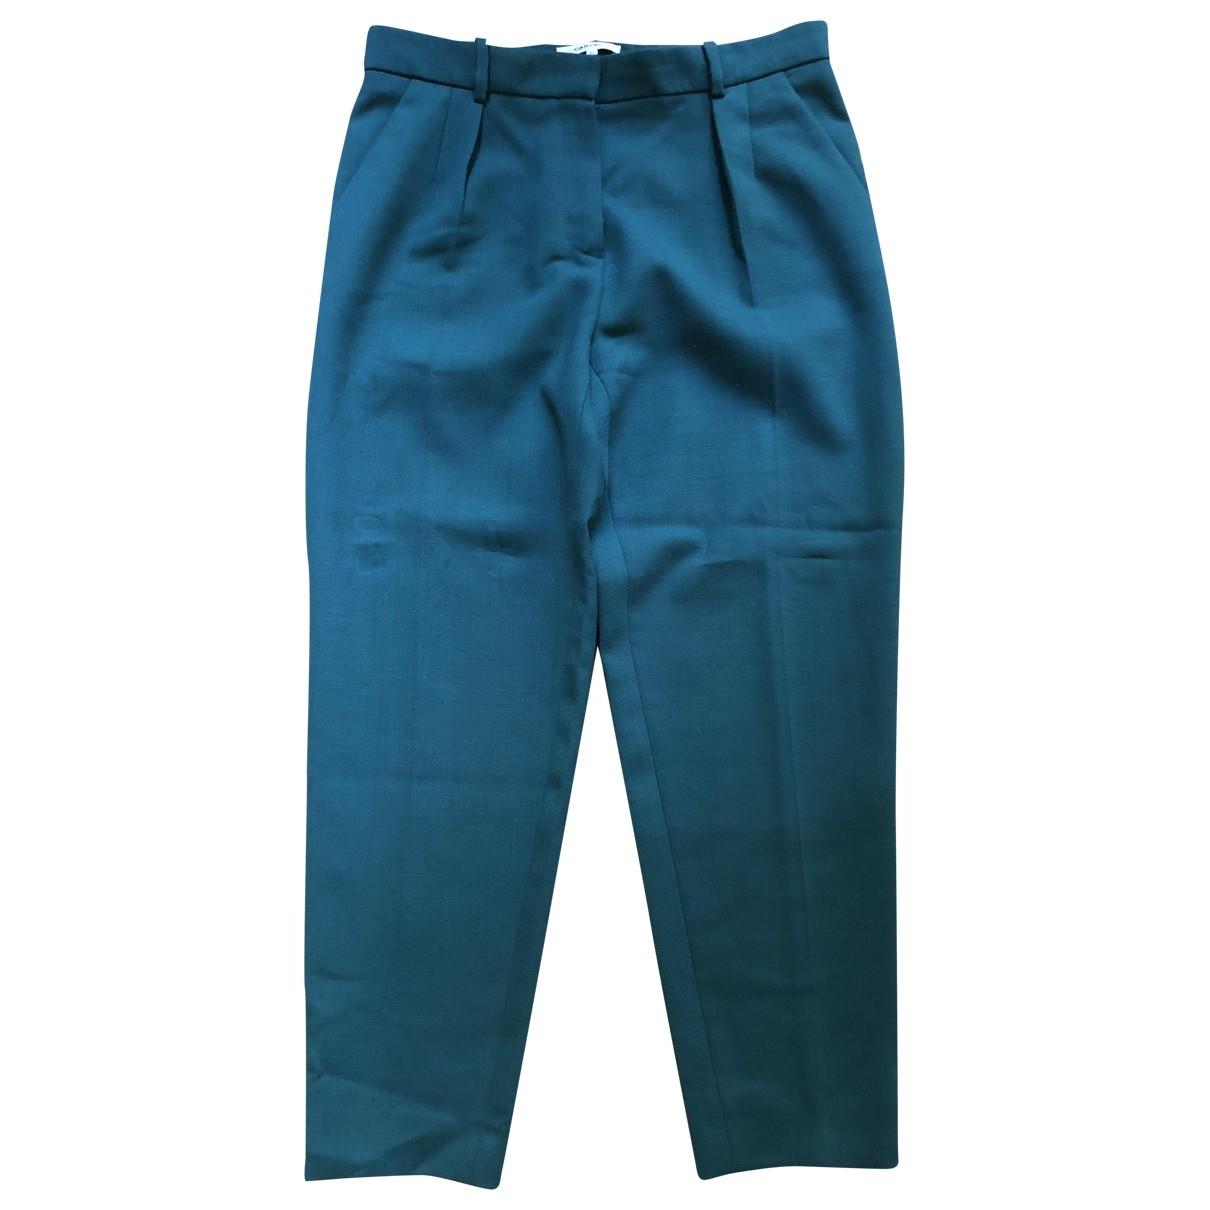 Pantalon de traje de Lana Carven